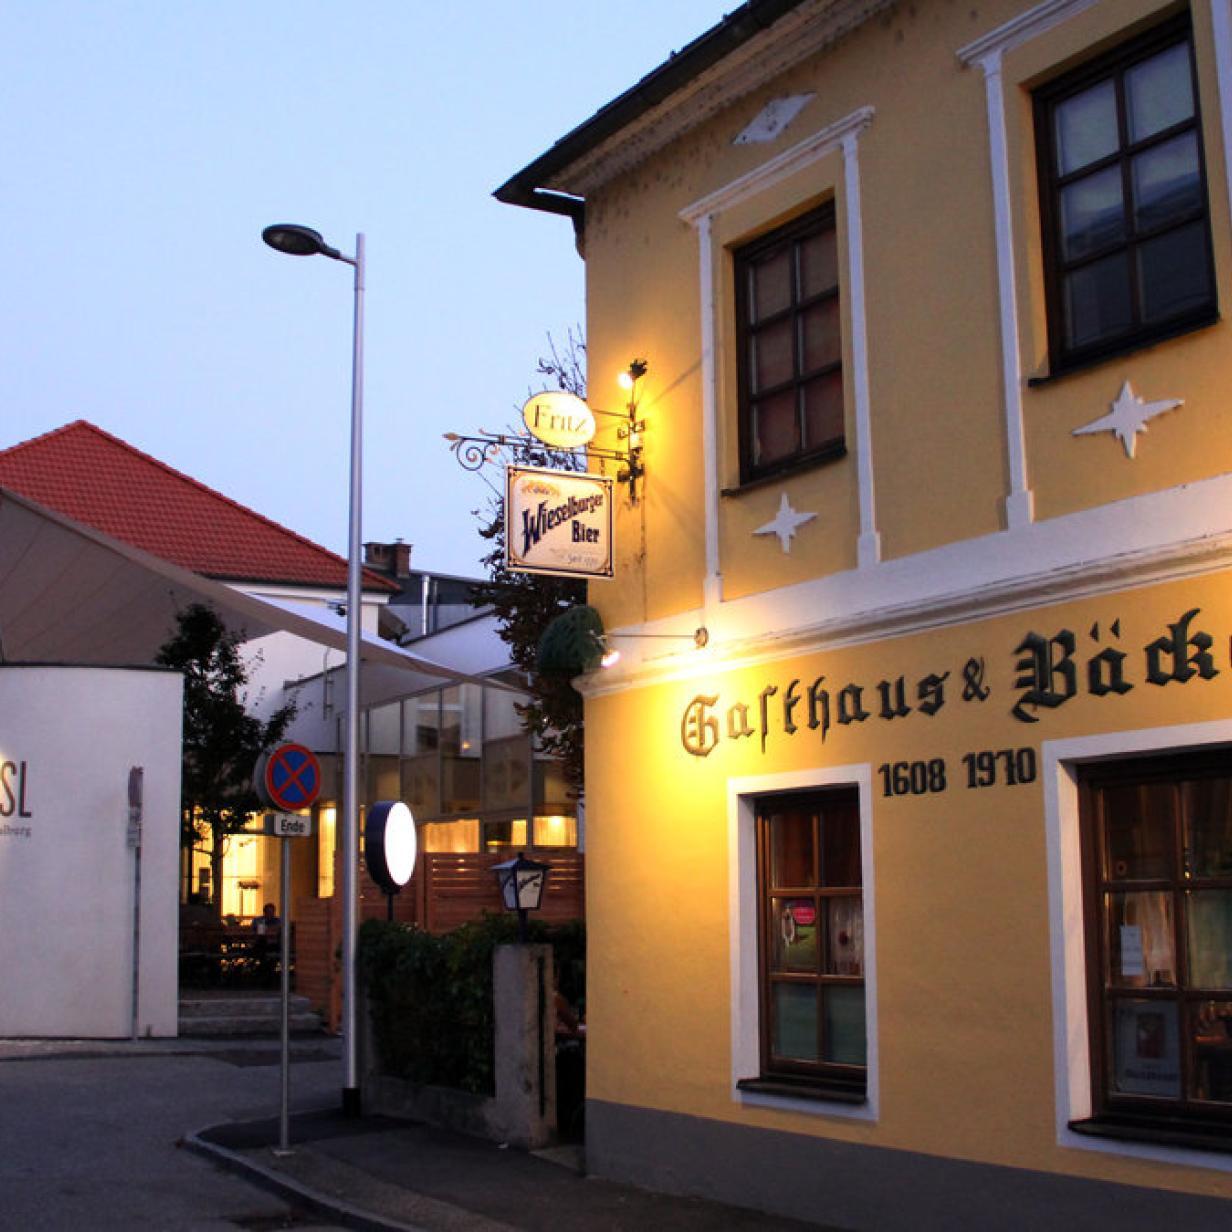 Wieselburg exklusive partnervermittlung, Rietz dating app